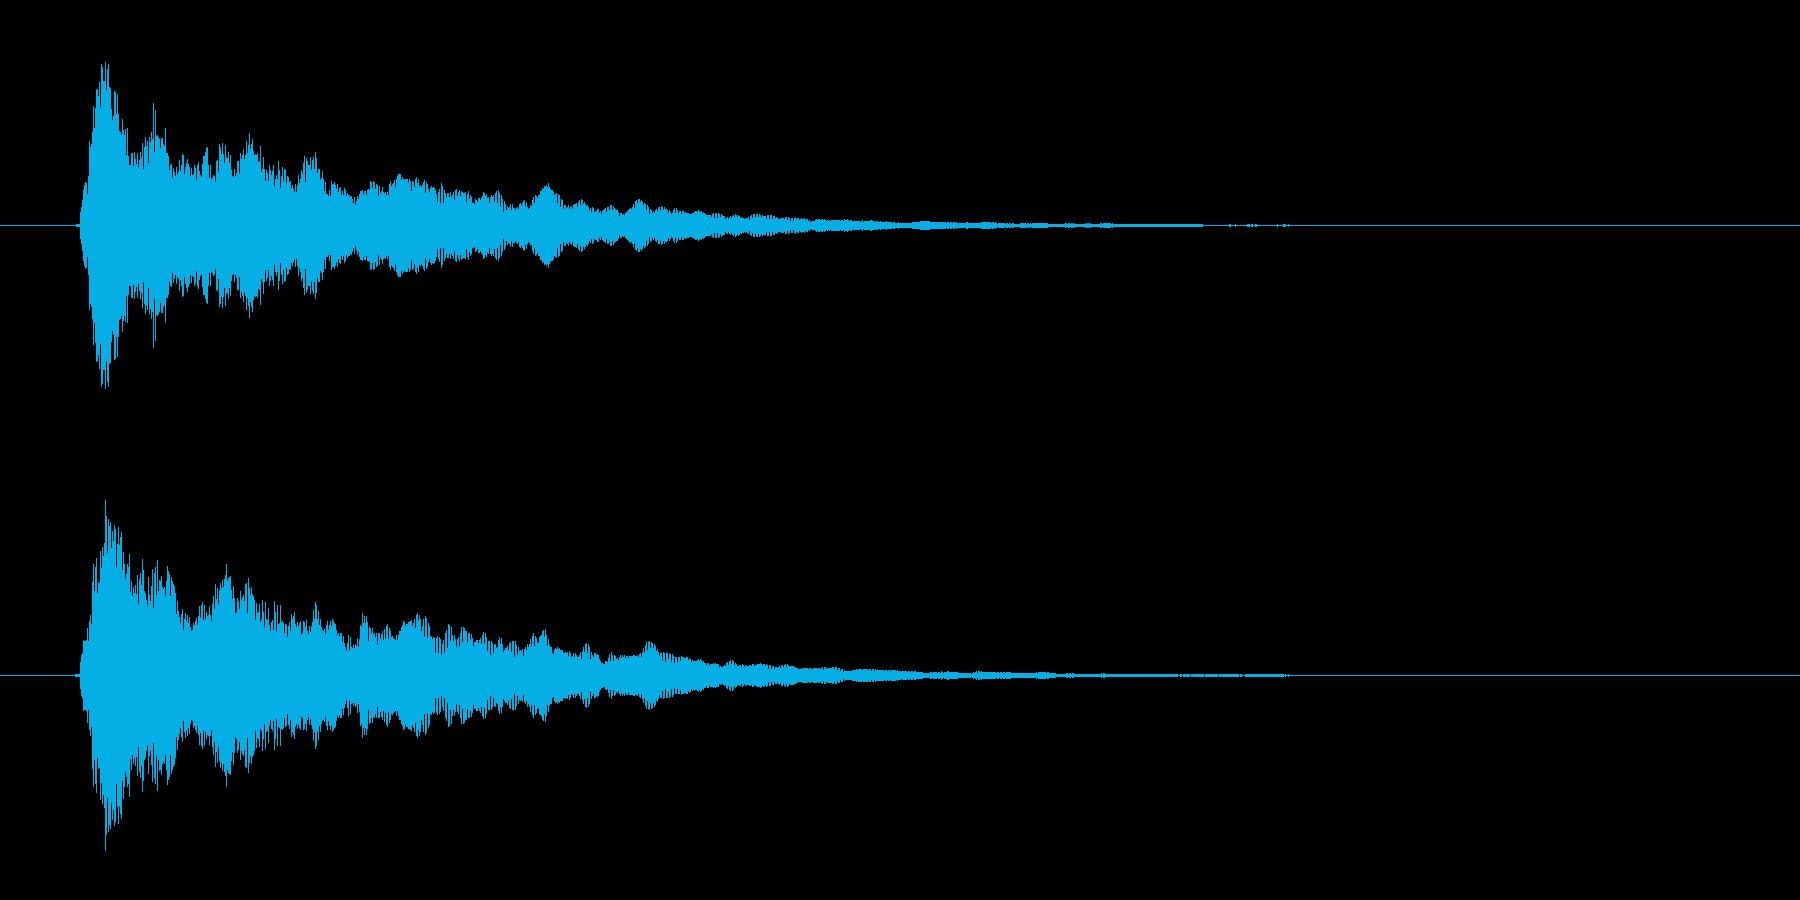 リリース短め、あっさり、さっぱりなオケヒの再生済みの波形